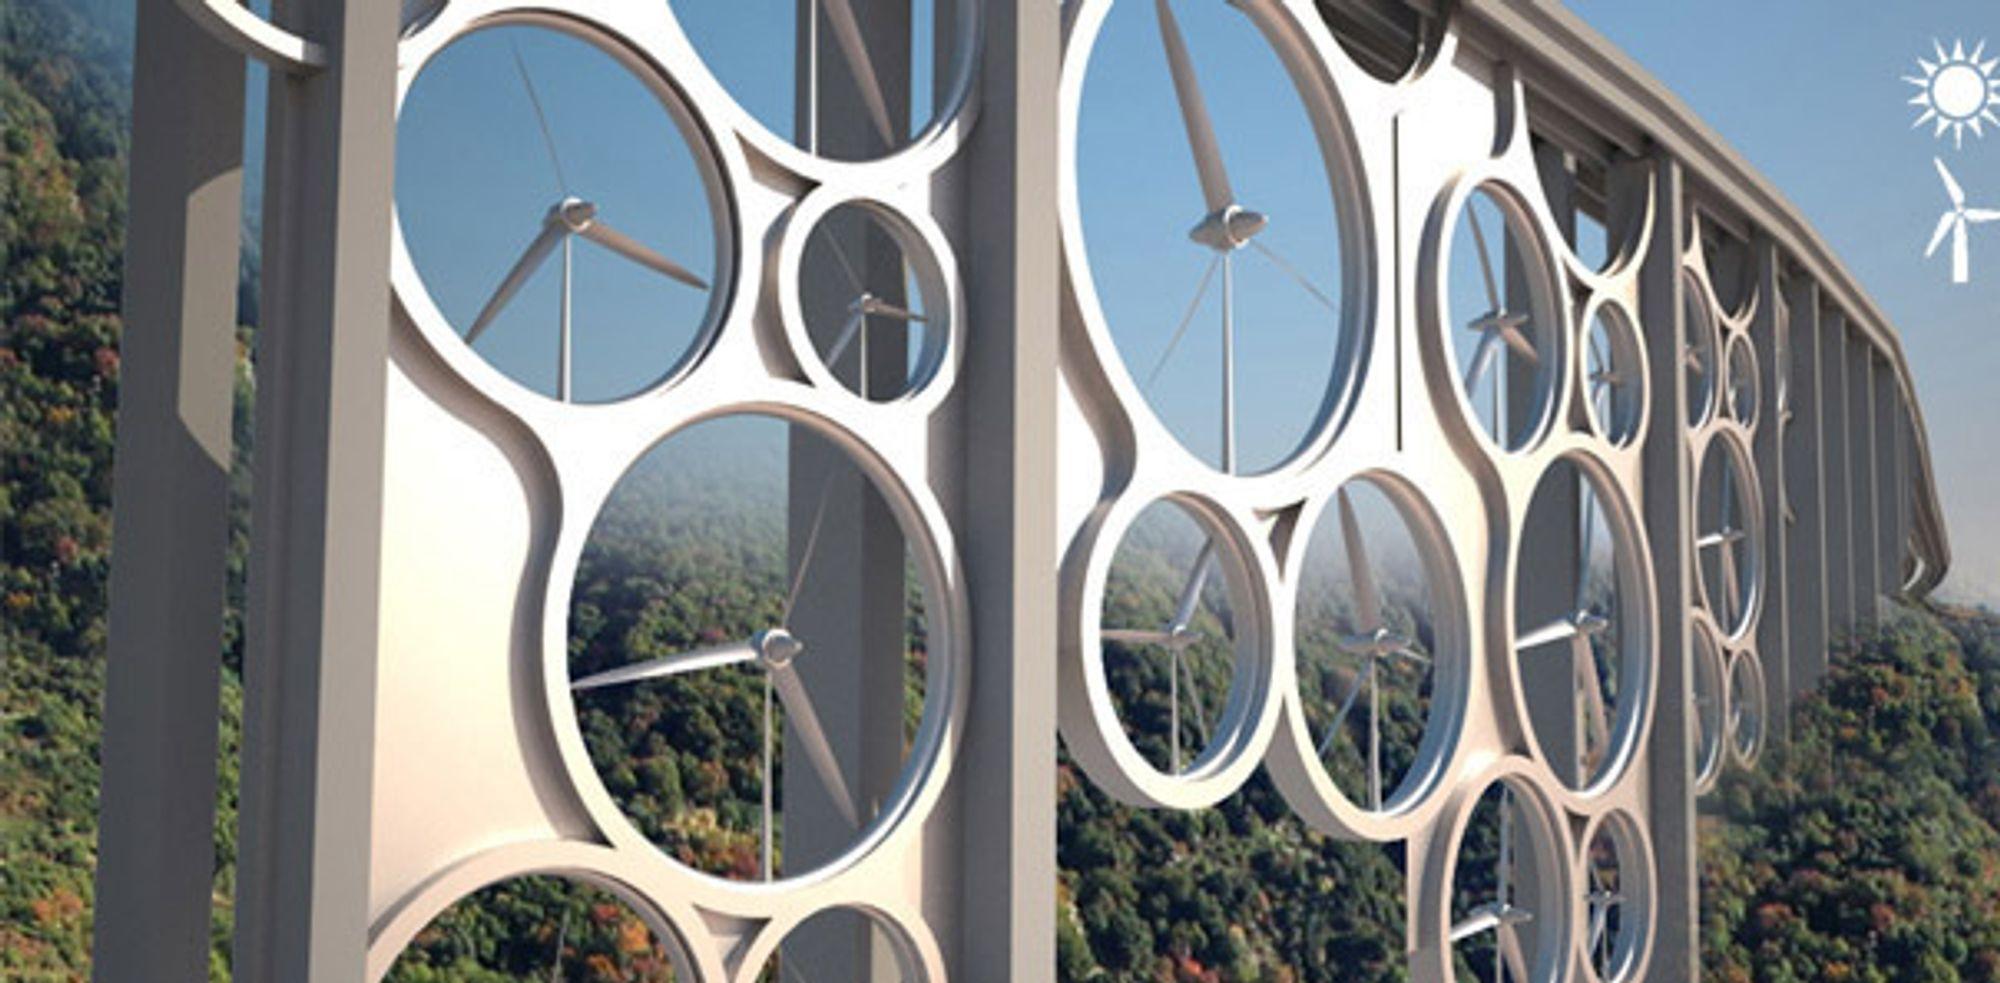 """Solar Wind-broen bruker vindturbiner og solpaneler under """"asfalt"""" av plast til å produsere nok energi til 15000 husstander."""